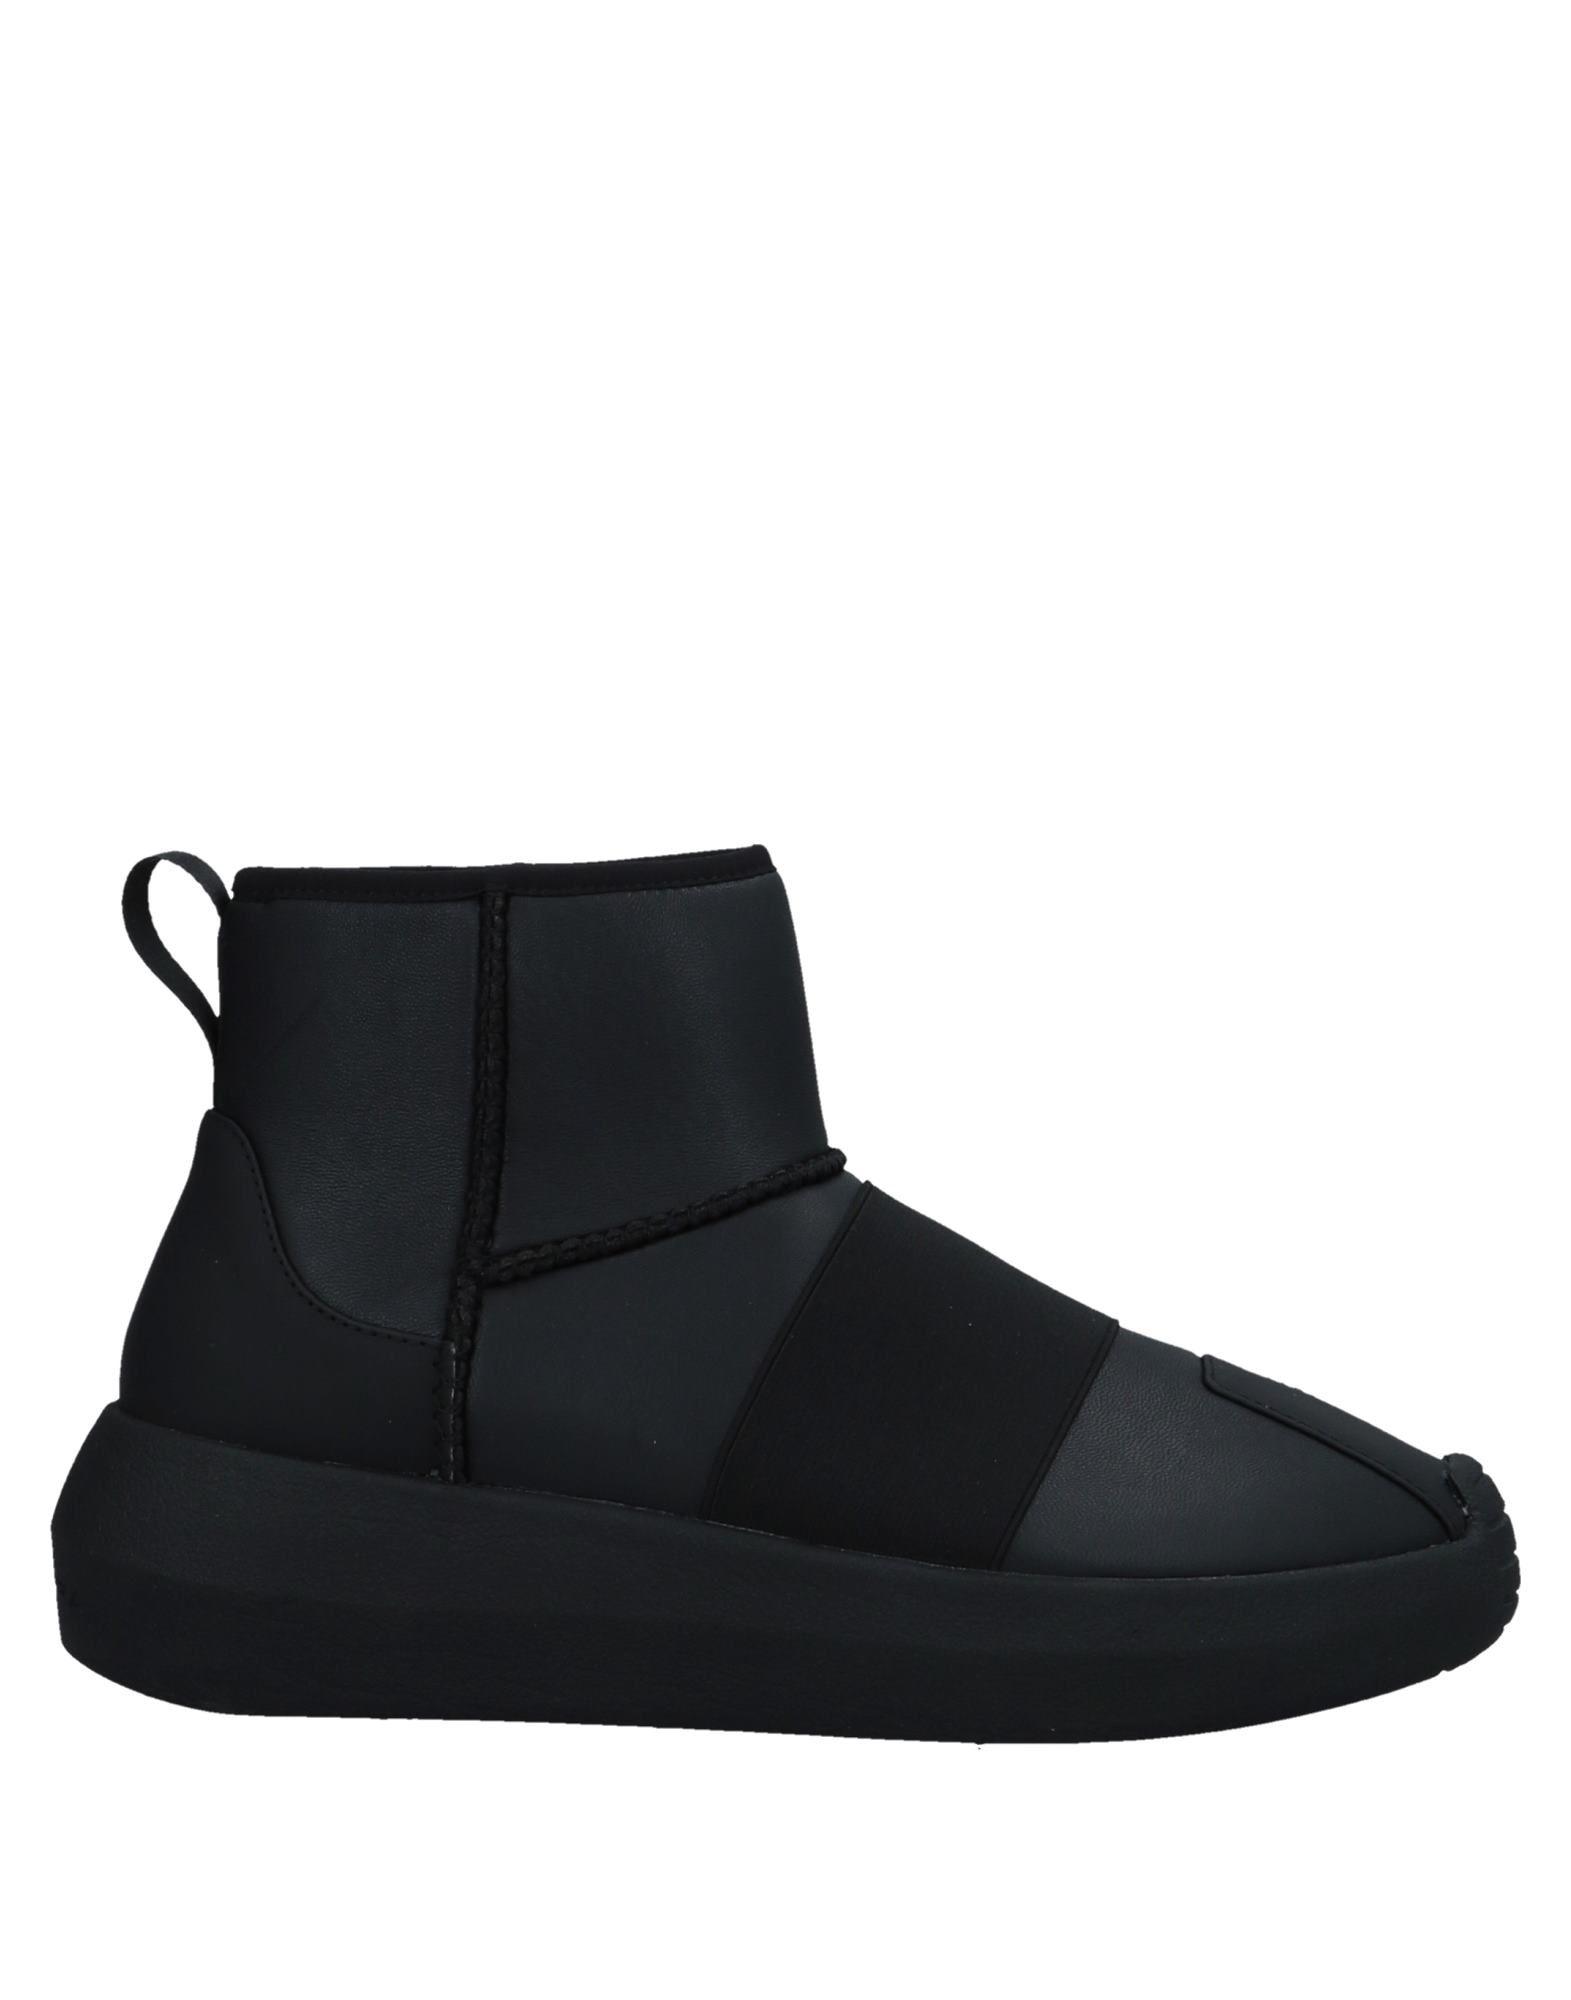 Fessura Gute Stiefelette Damen  11534026HS Gute Fessura Qualität beliebte Schuhe edbda0